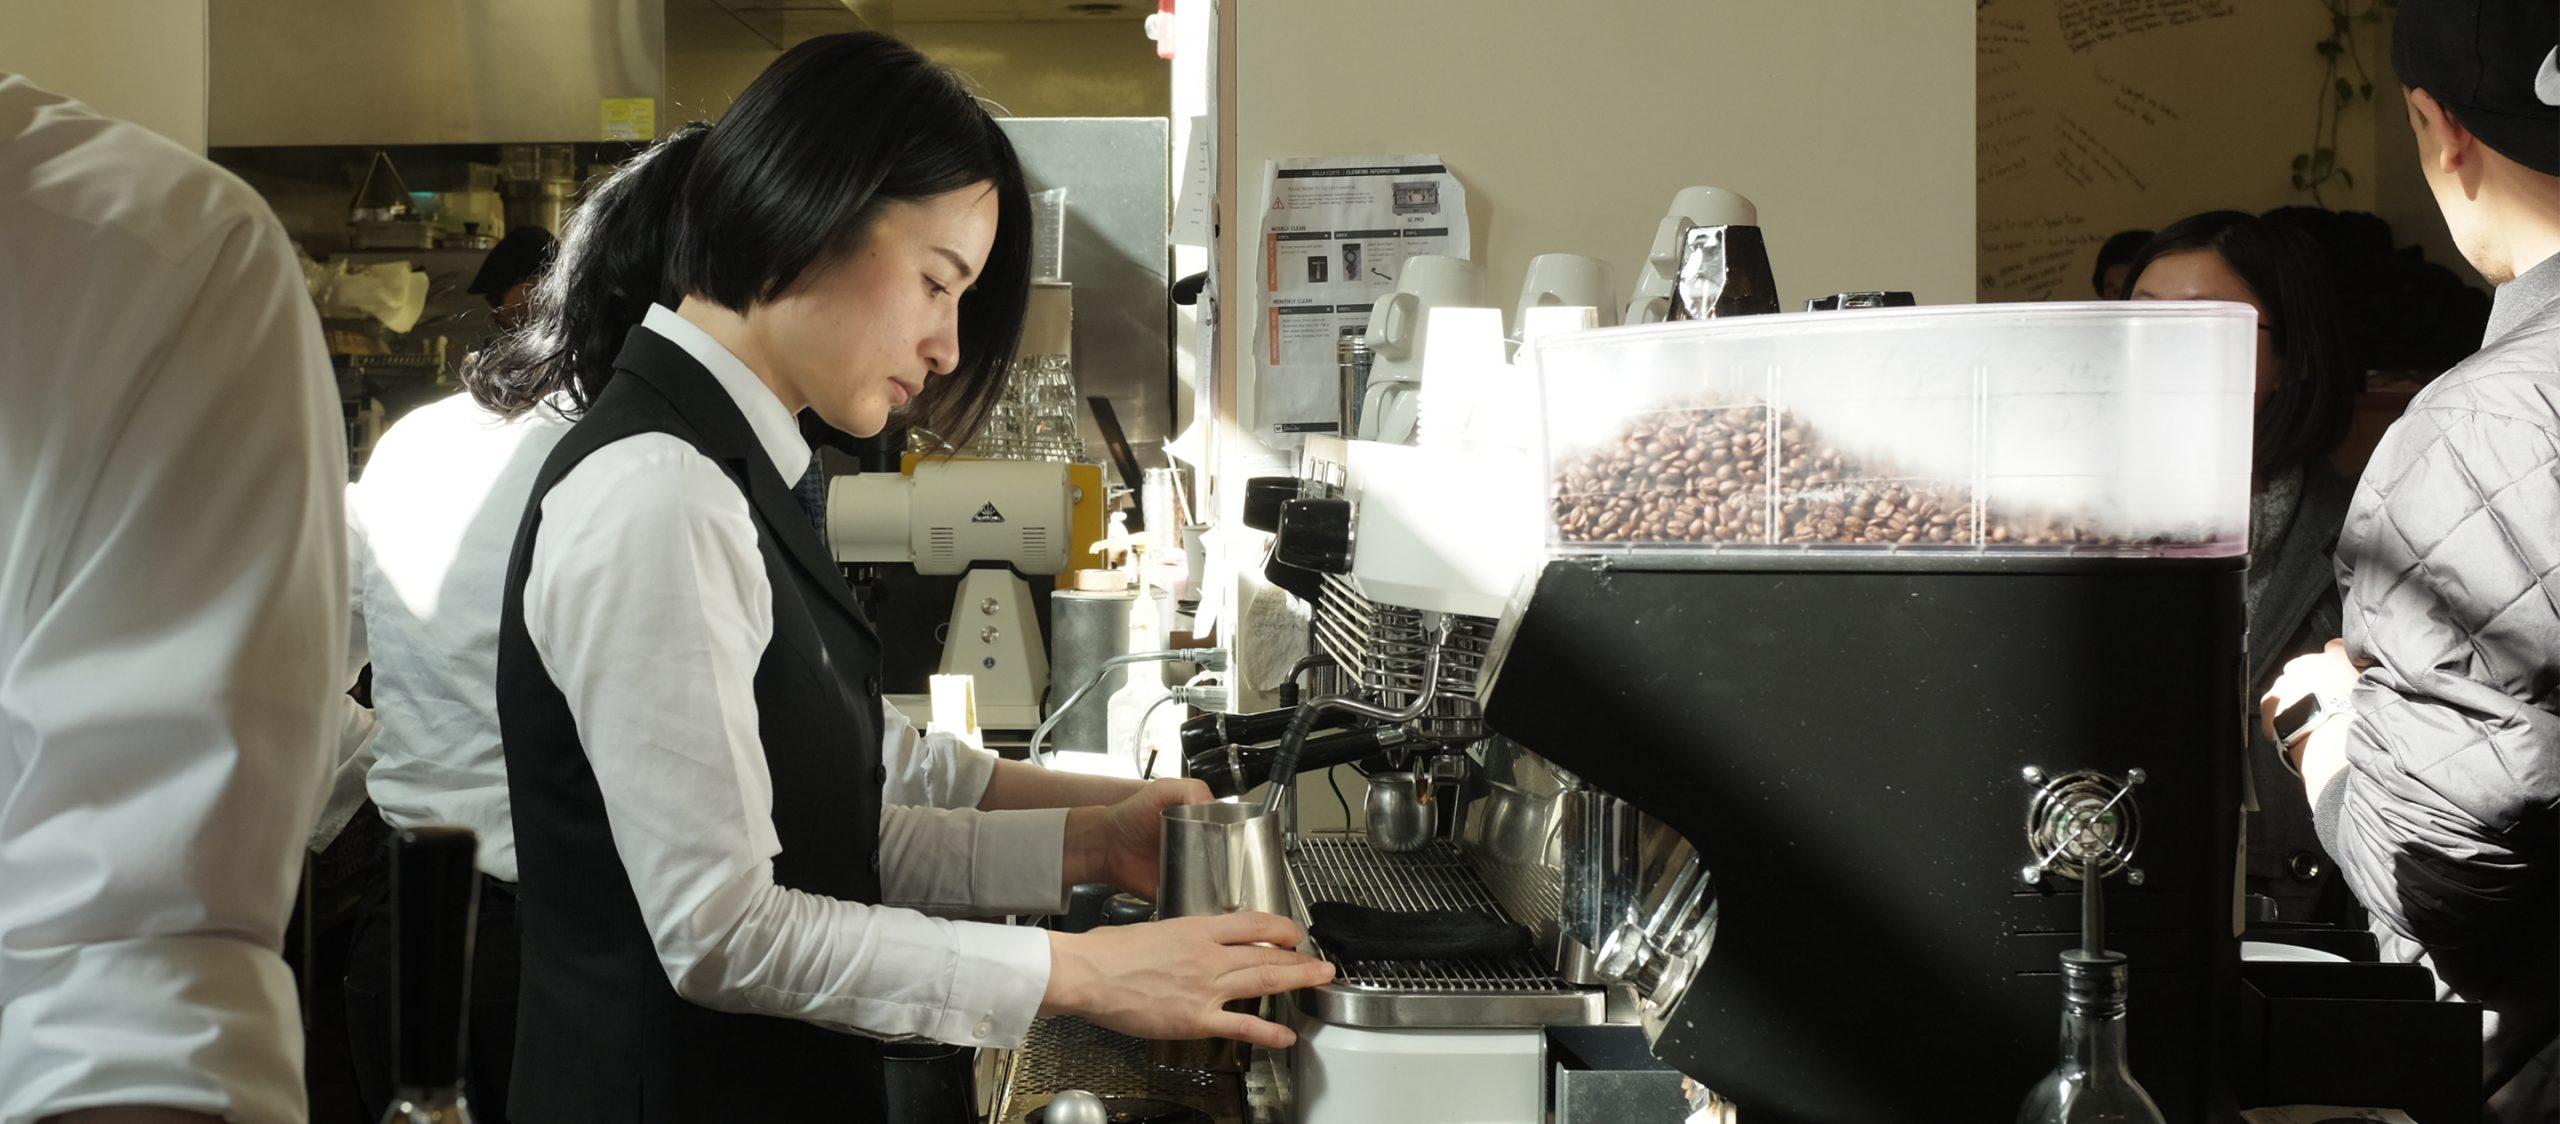 3 คาเฟ่แนวหน้าจากเมืองบอสตัน ที่จะทำให้คุณจิบกาแฟในอเมริกาสนุกขึ้น